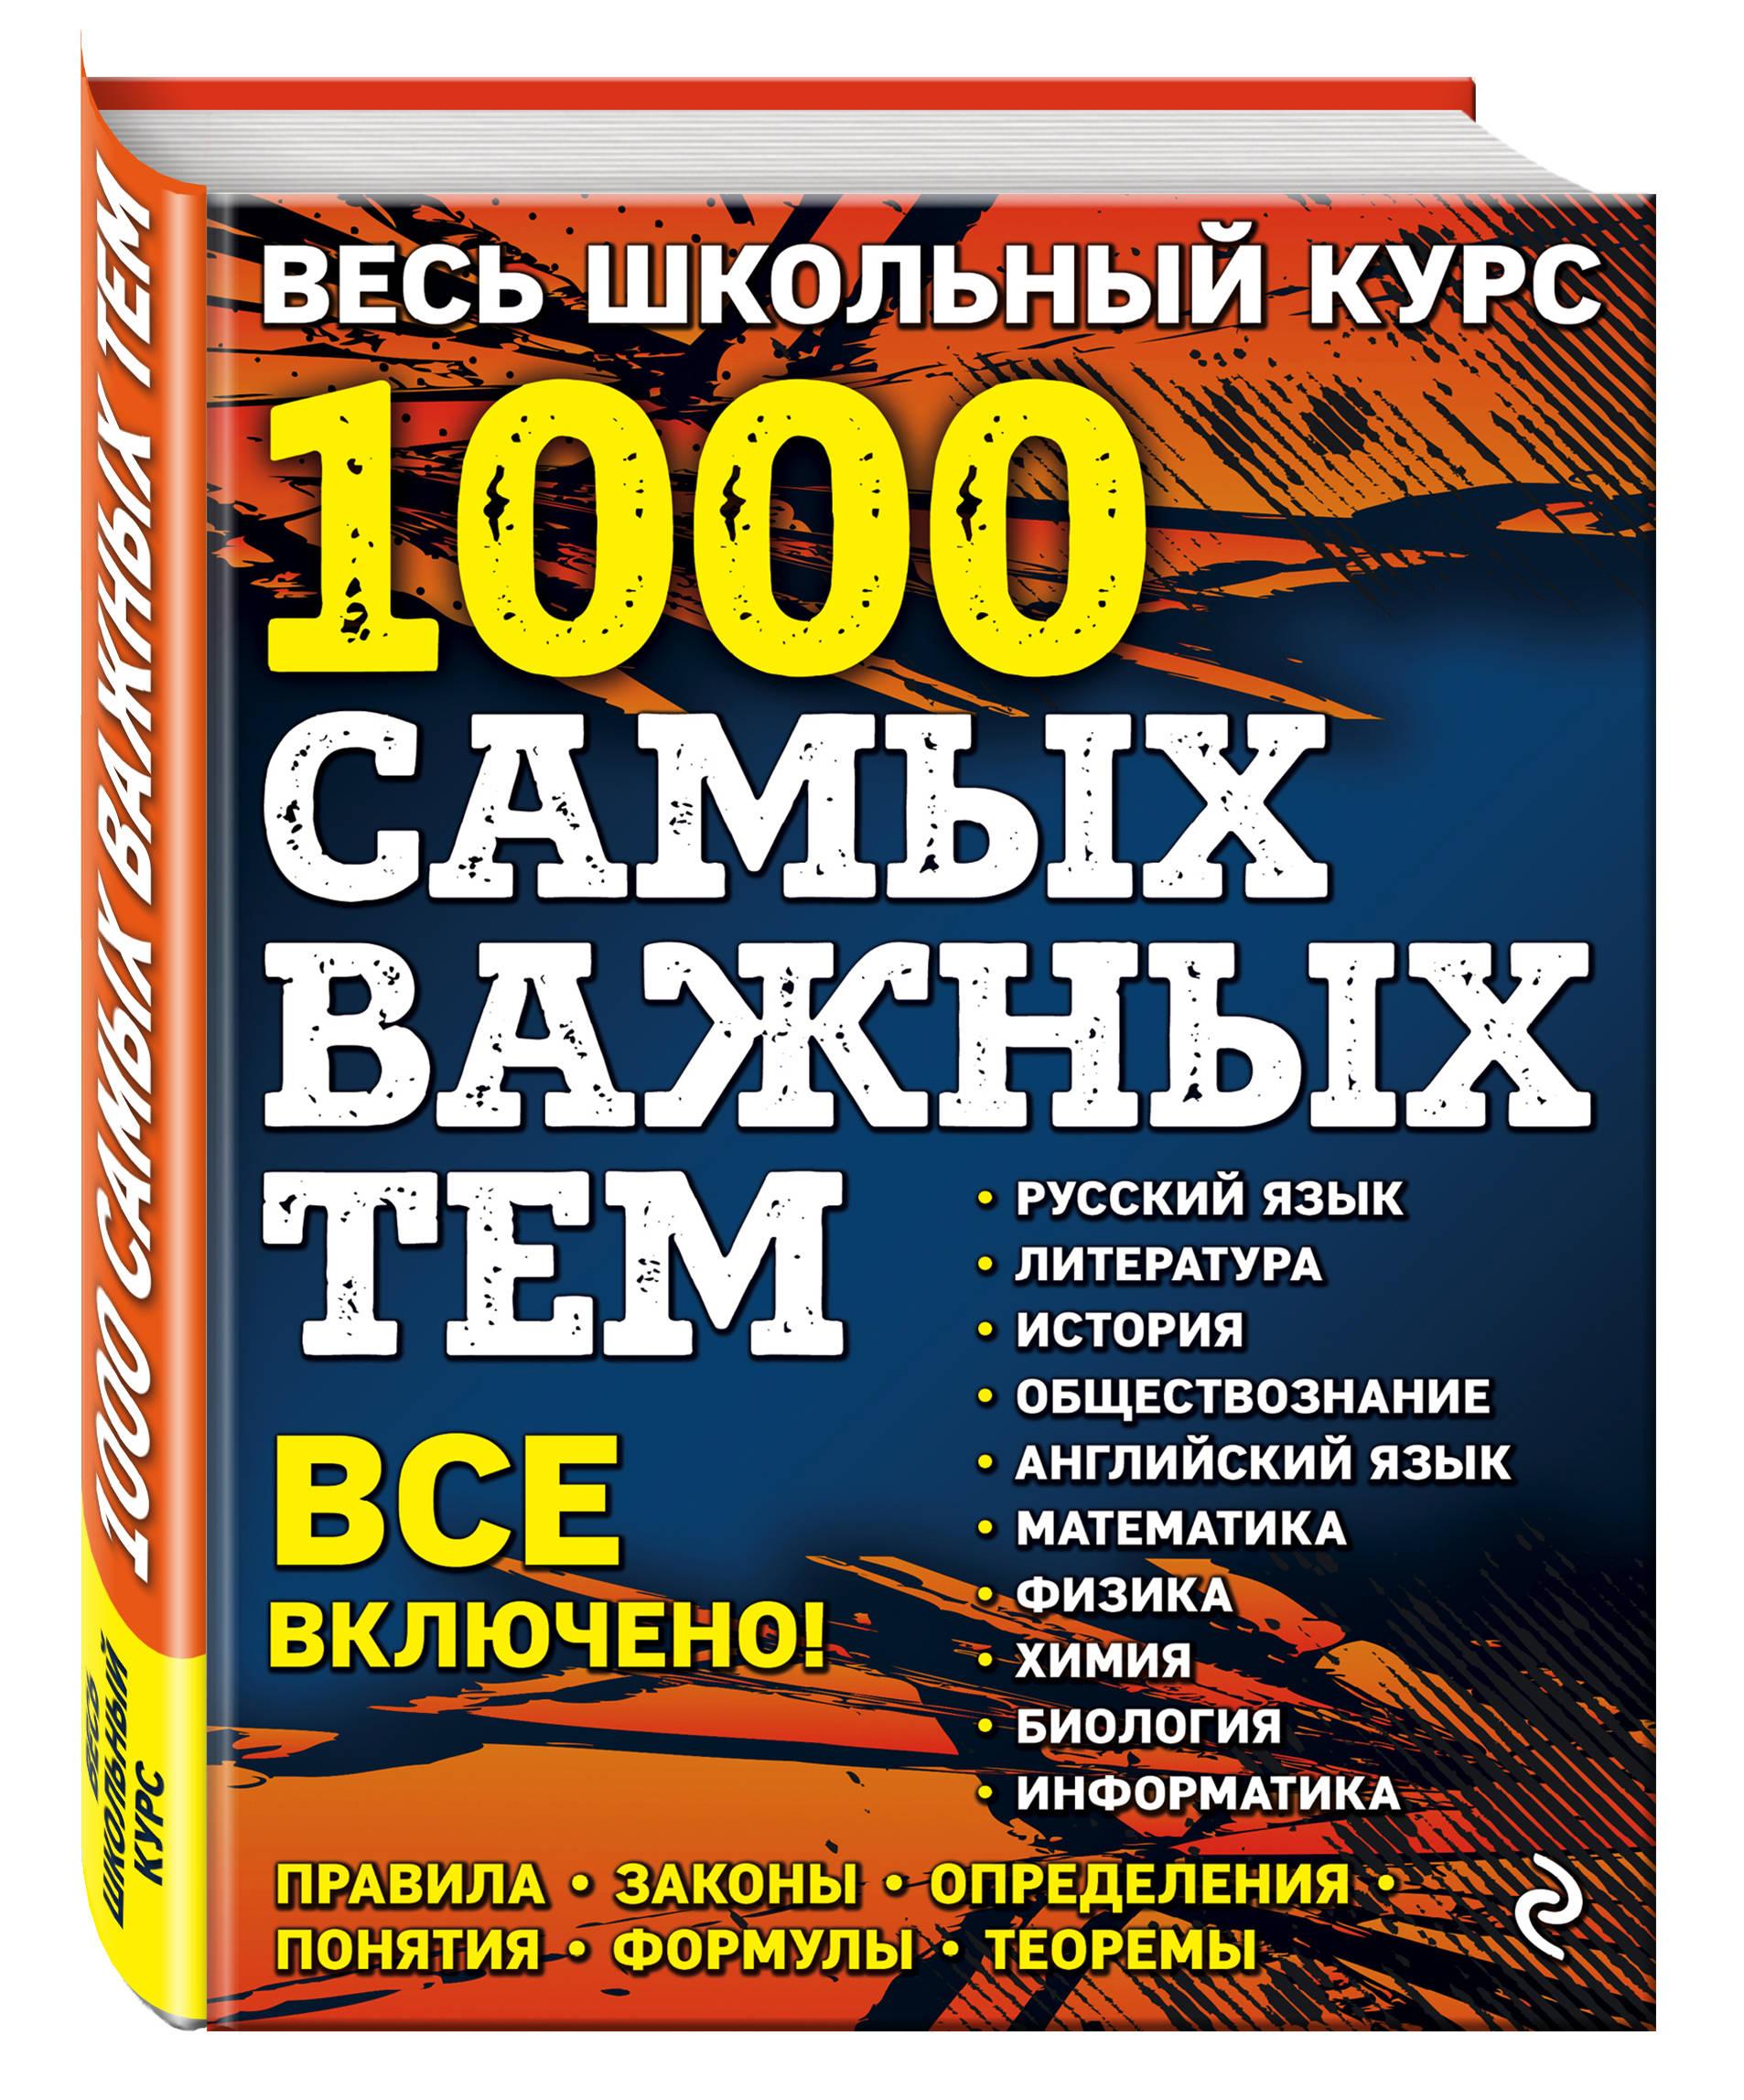 Весь школьный курс. 1000 самых важных тем ( Белецкая Т.А., Виноградова Т.М., Воловичков Г.Г.  )